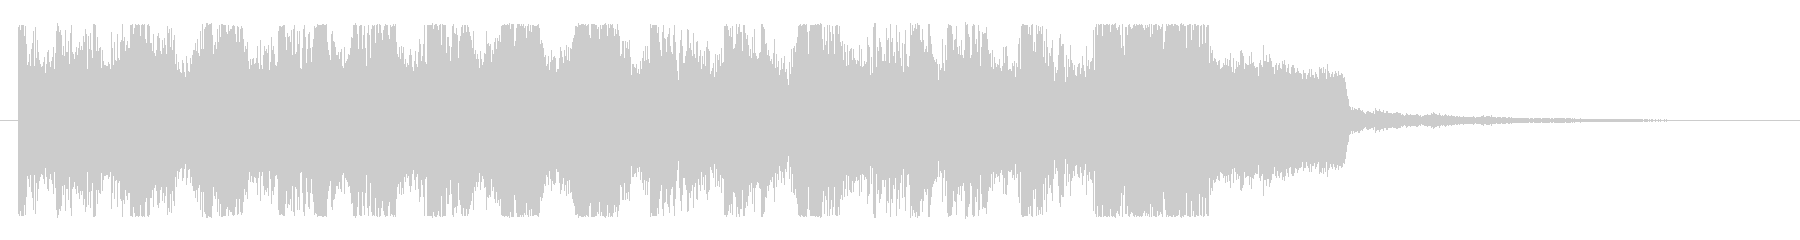 重厚なベース、ディープなデジタルロゴの未再生の波形